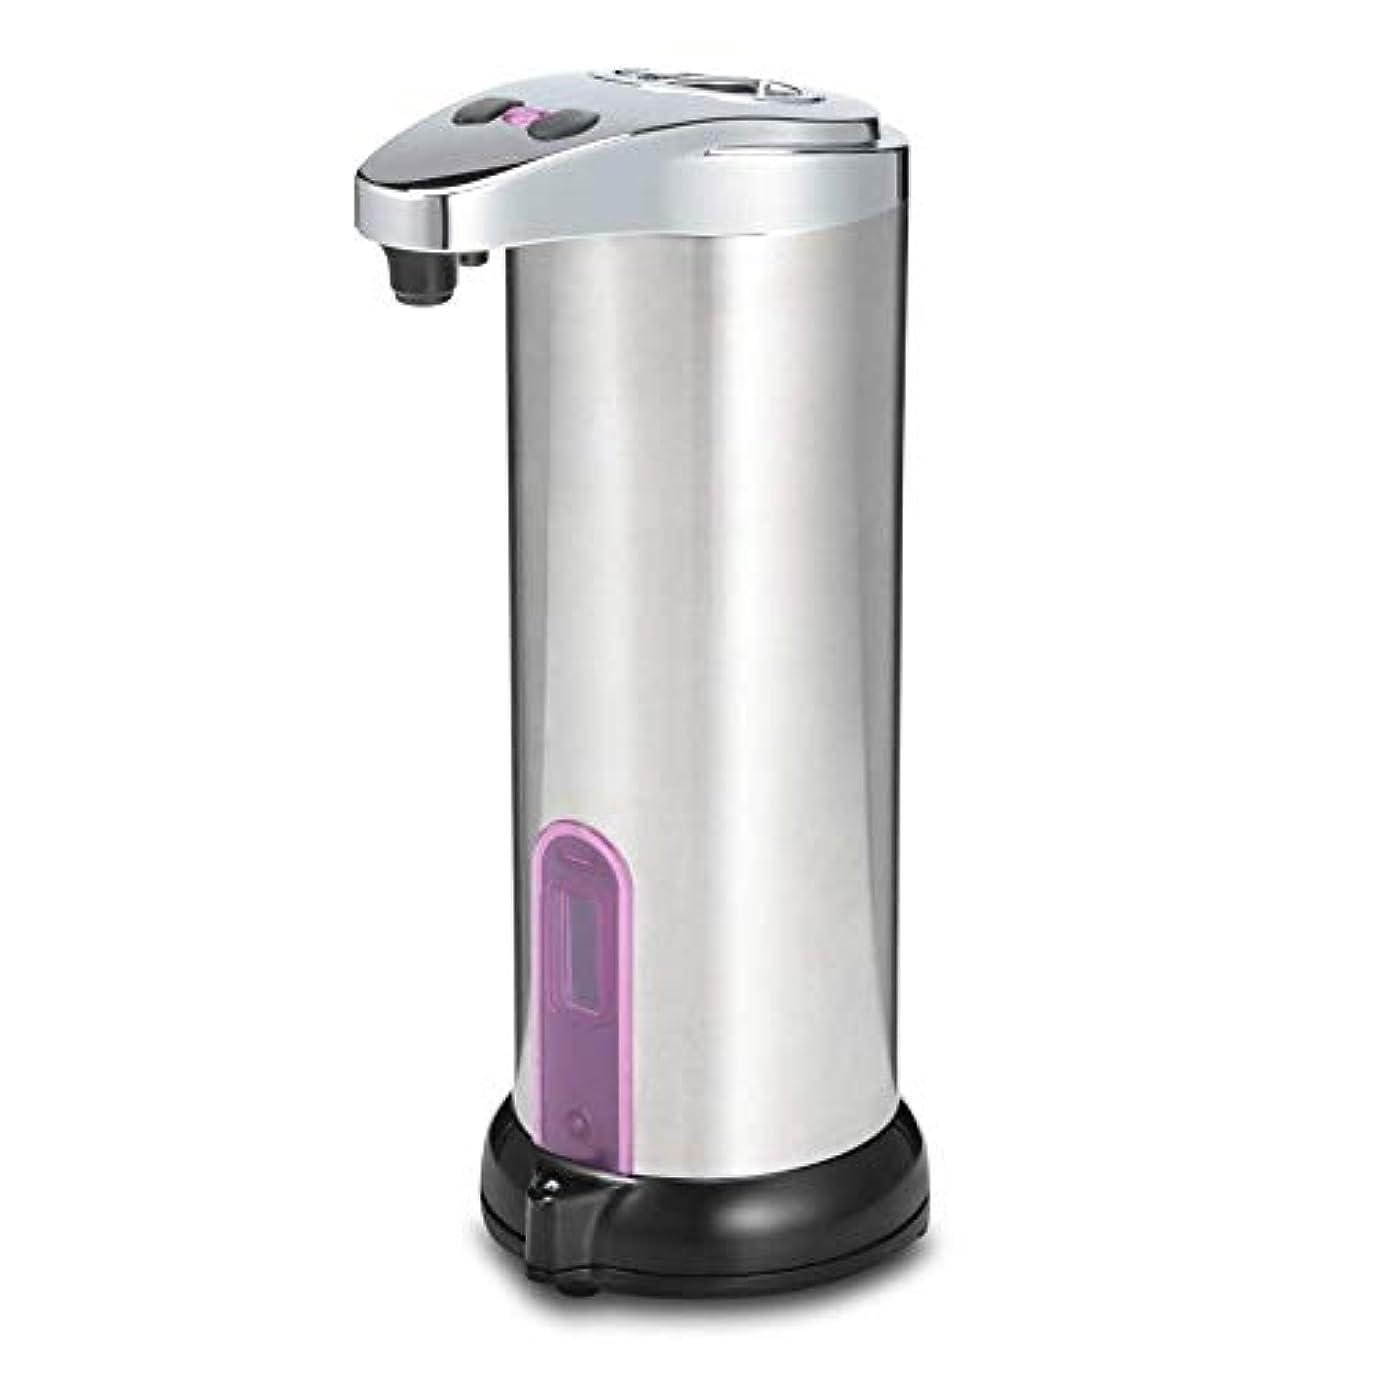 ビリーヤギ石平等280ミリリットル自動液体石鹸ディスペンサー赤外線センシング誘導タッチレスサニタイザー浴室ディスペンサースマートセンサー用住宅